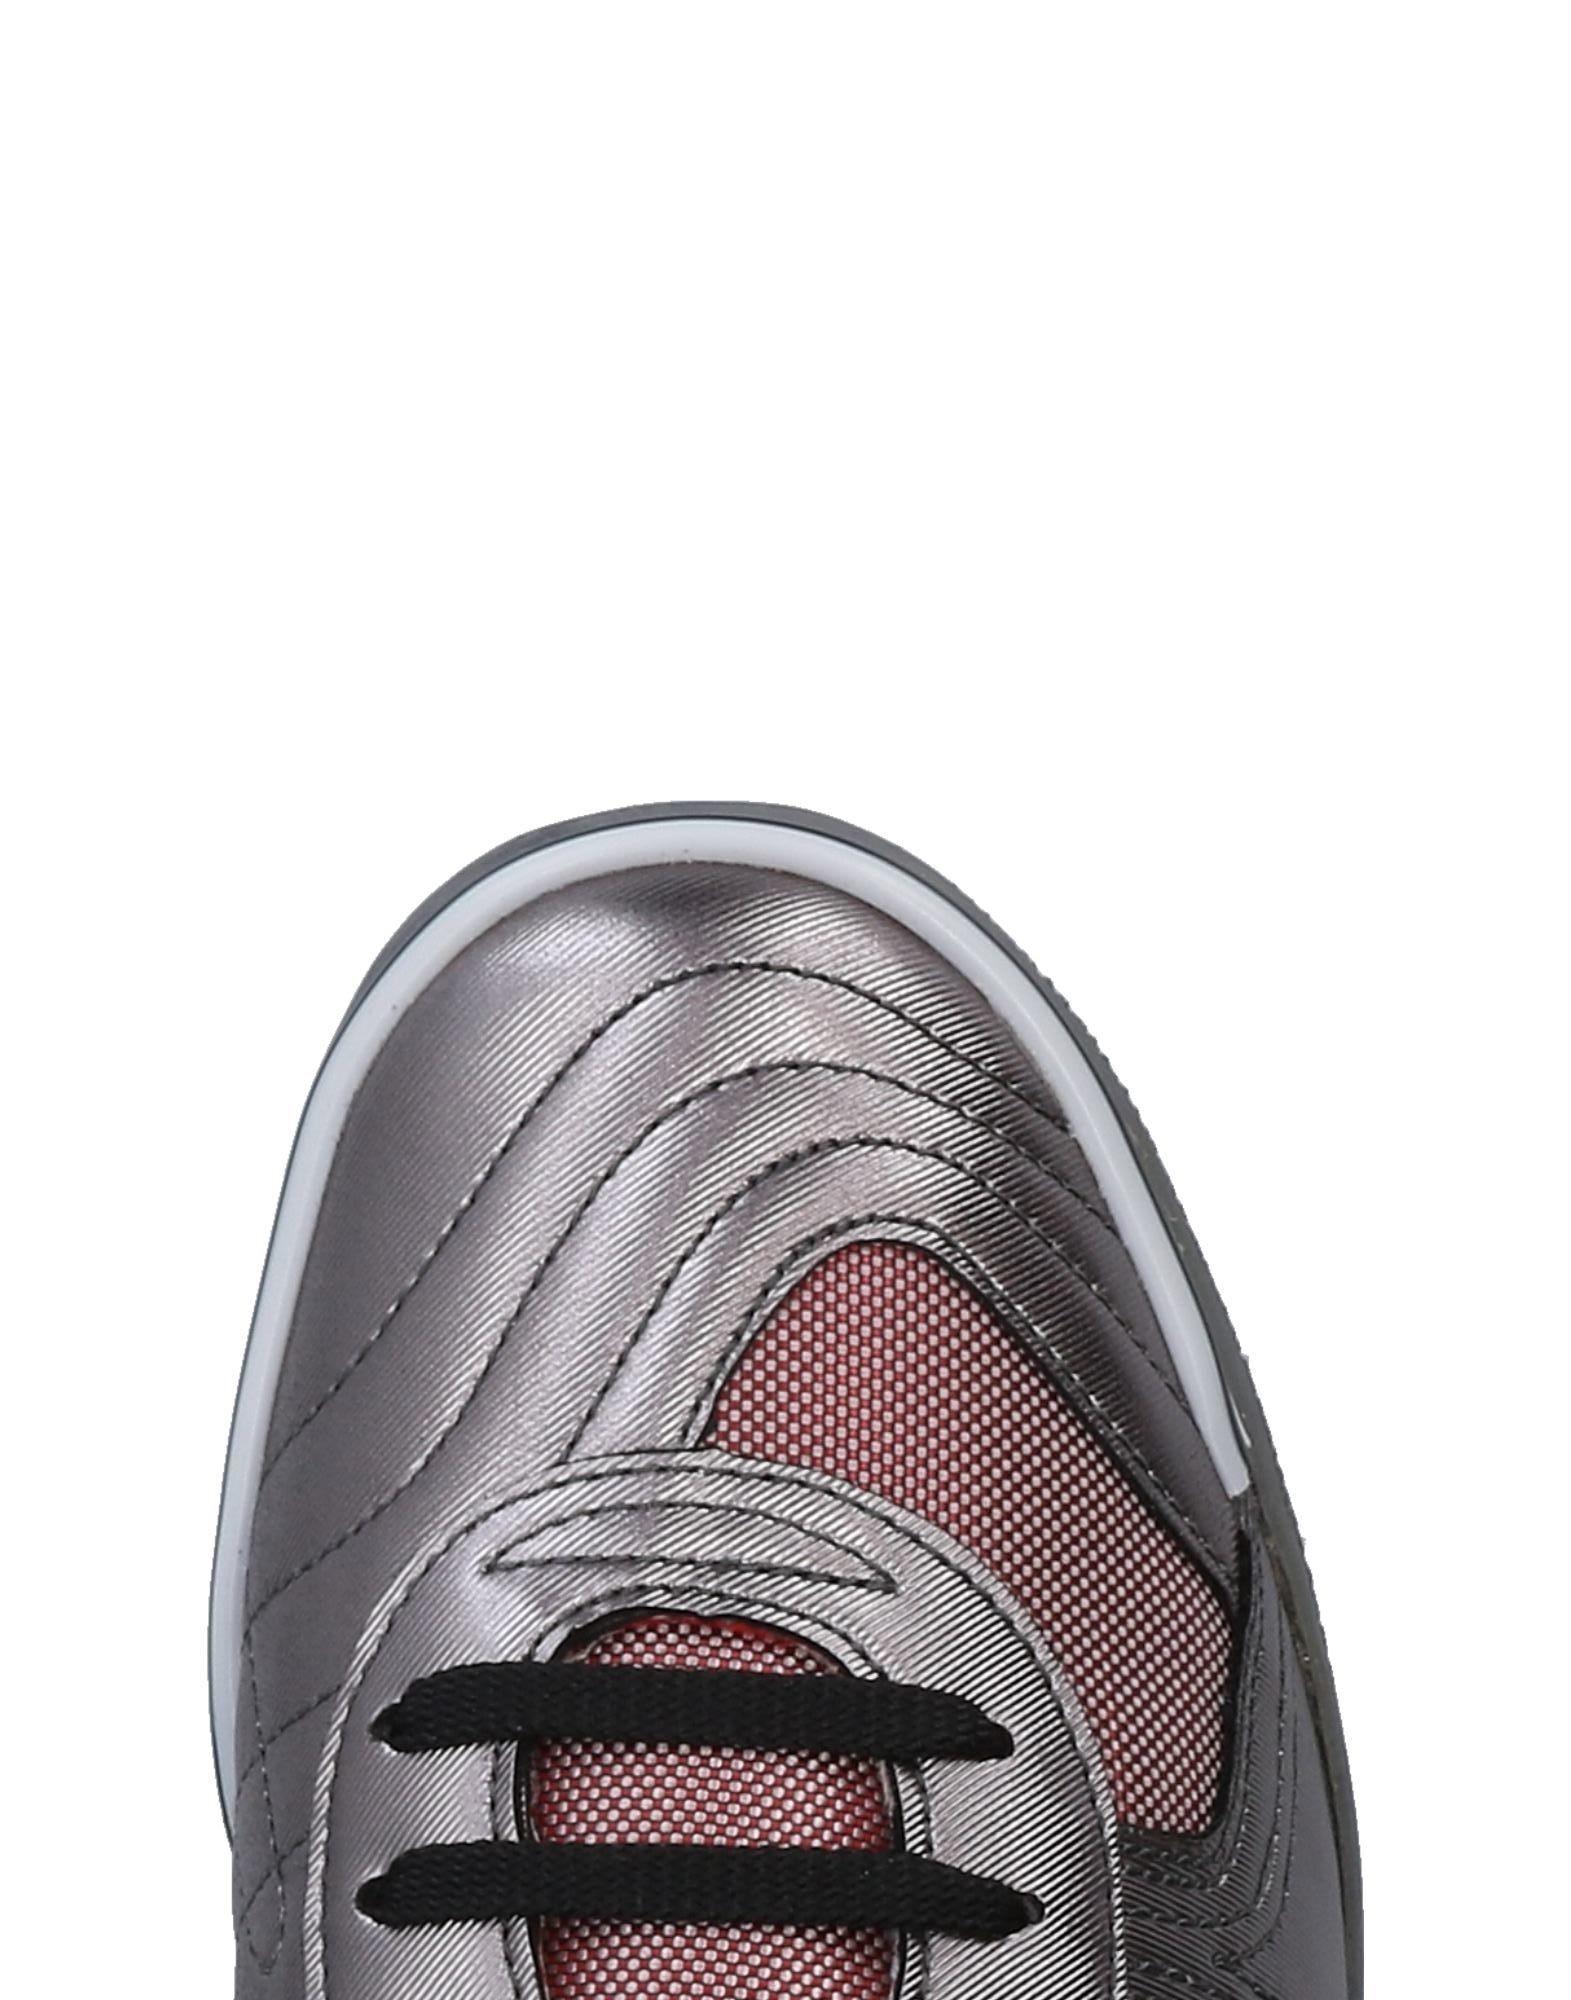 Munich Munich  Sneakers Herren  11453549UF 517433